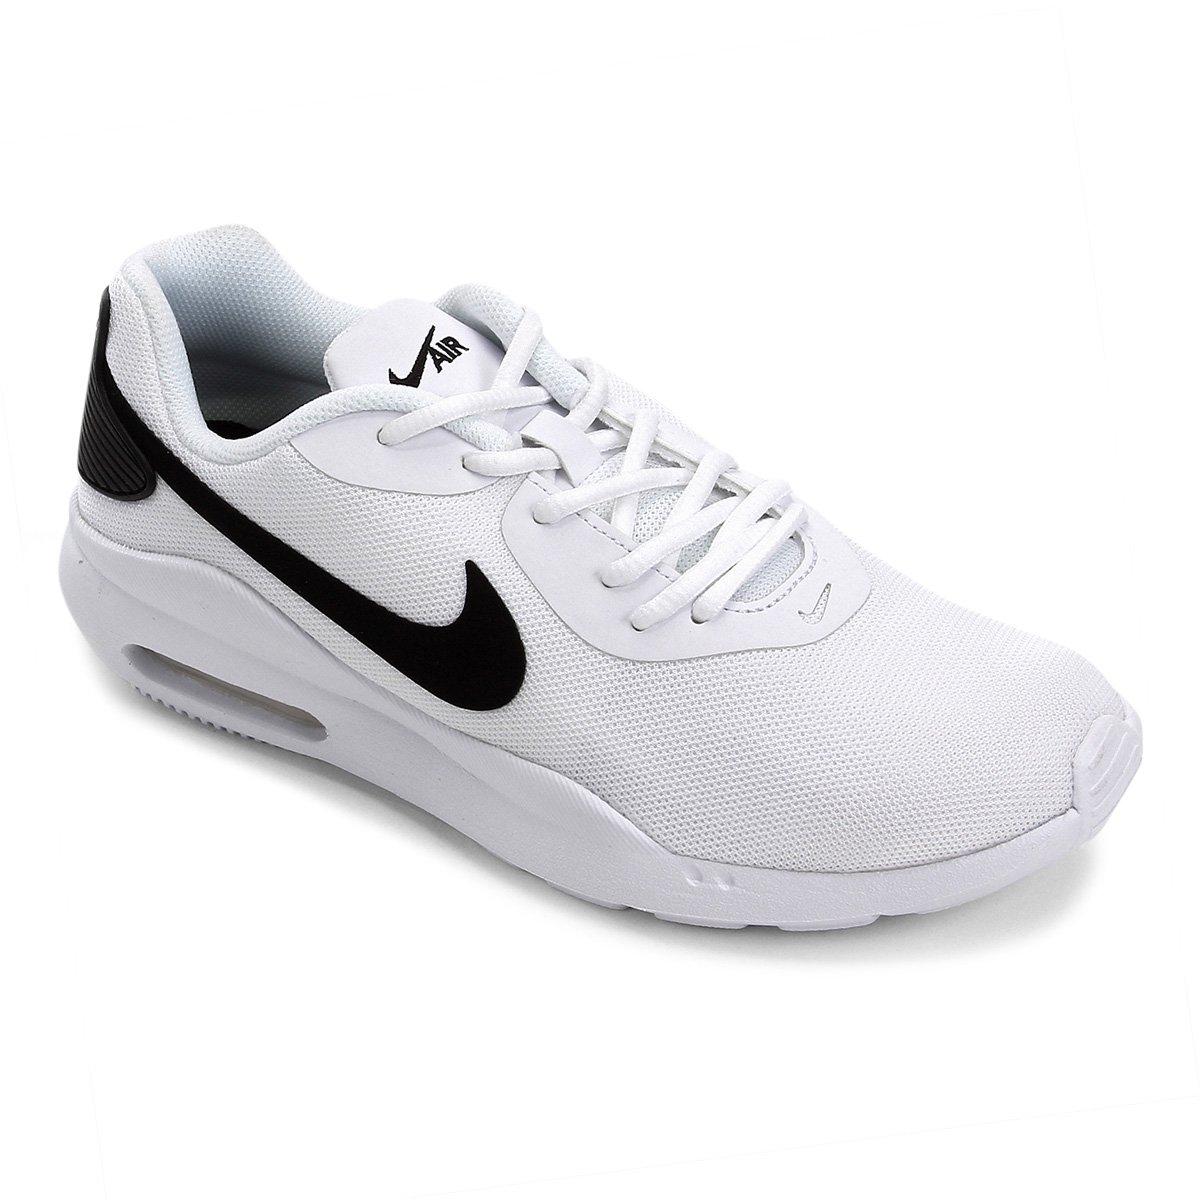 Tênis Nike Air Max 1 Ultra Essential Masculino | Tênis air